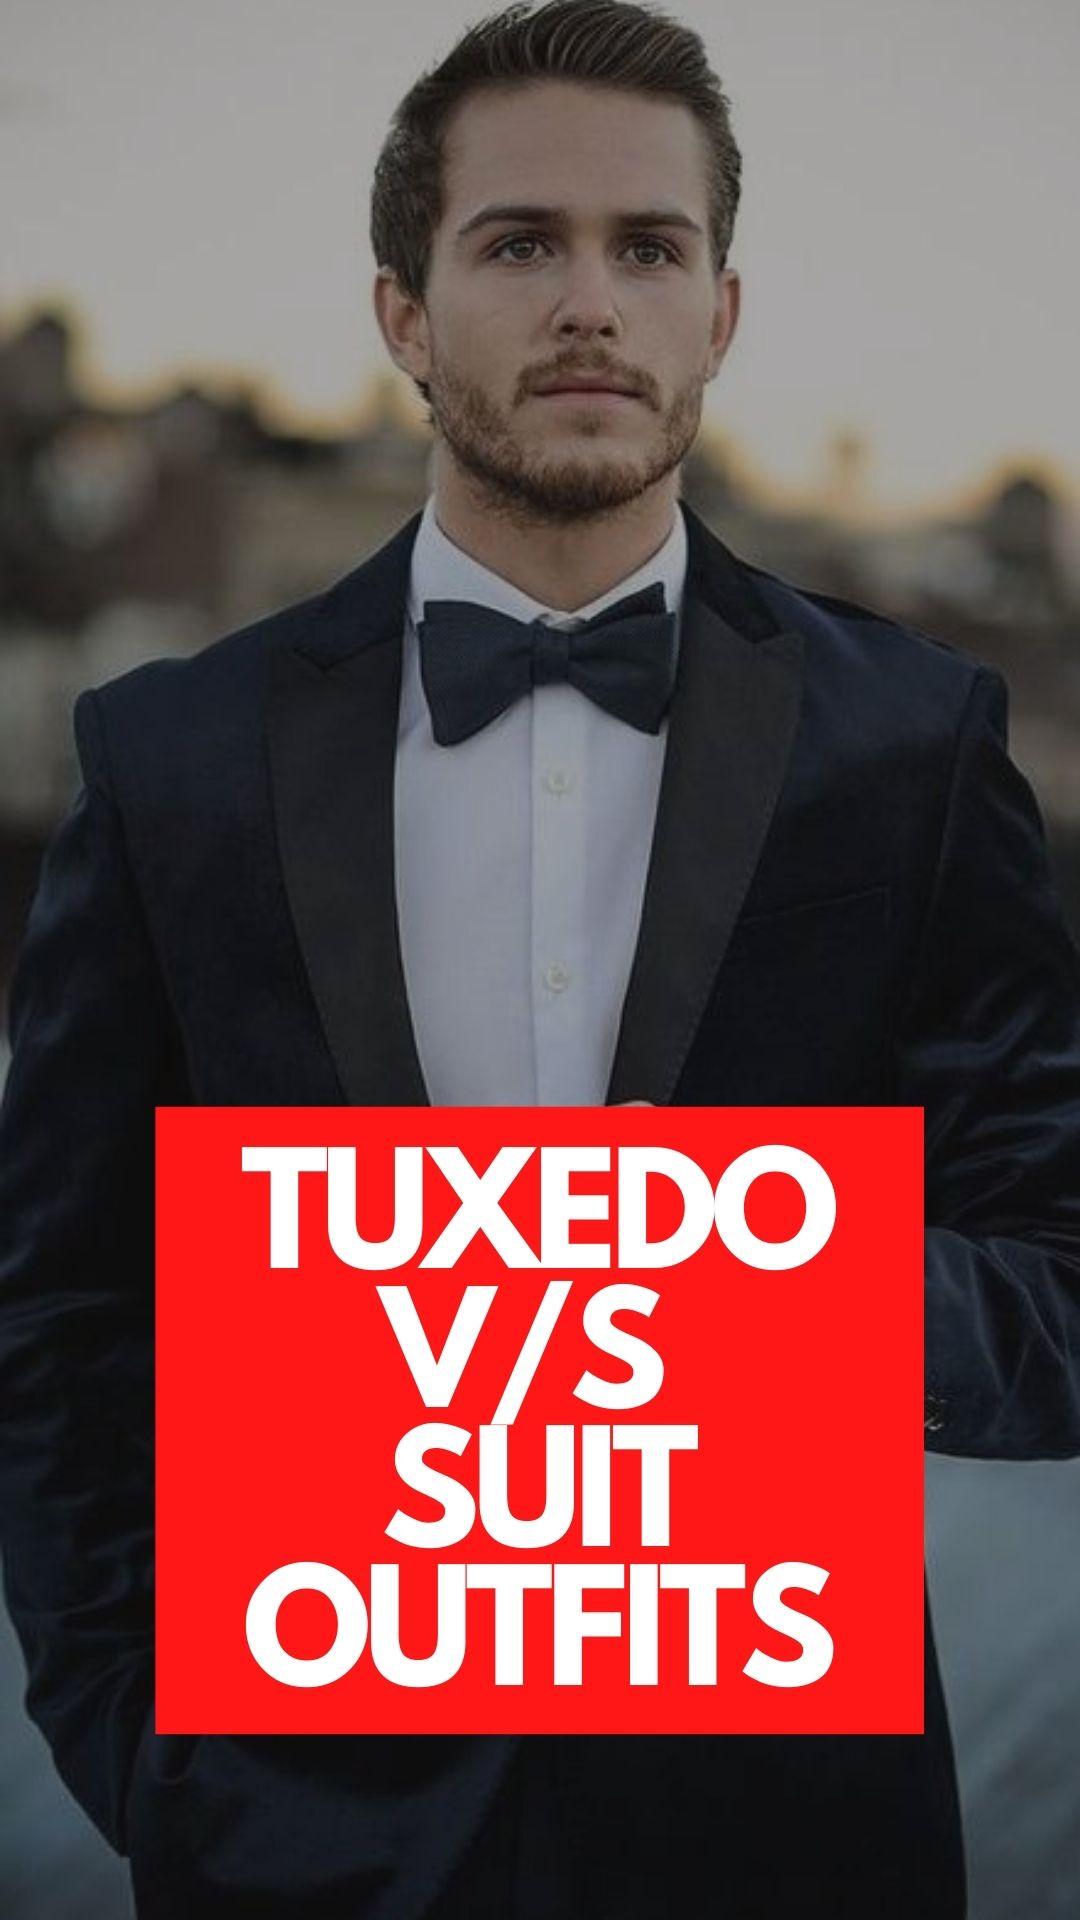 Tuxedo Vs Suit Outfits